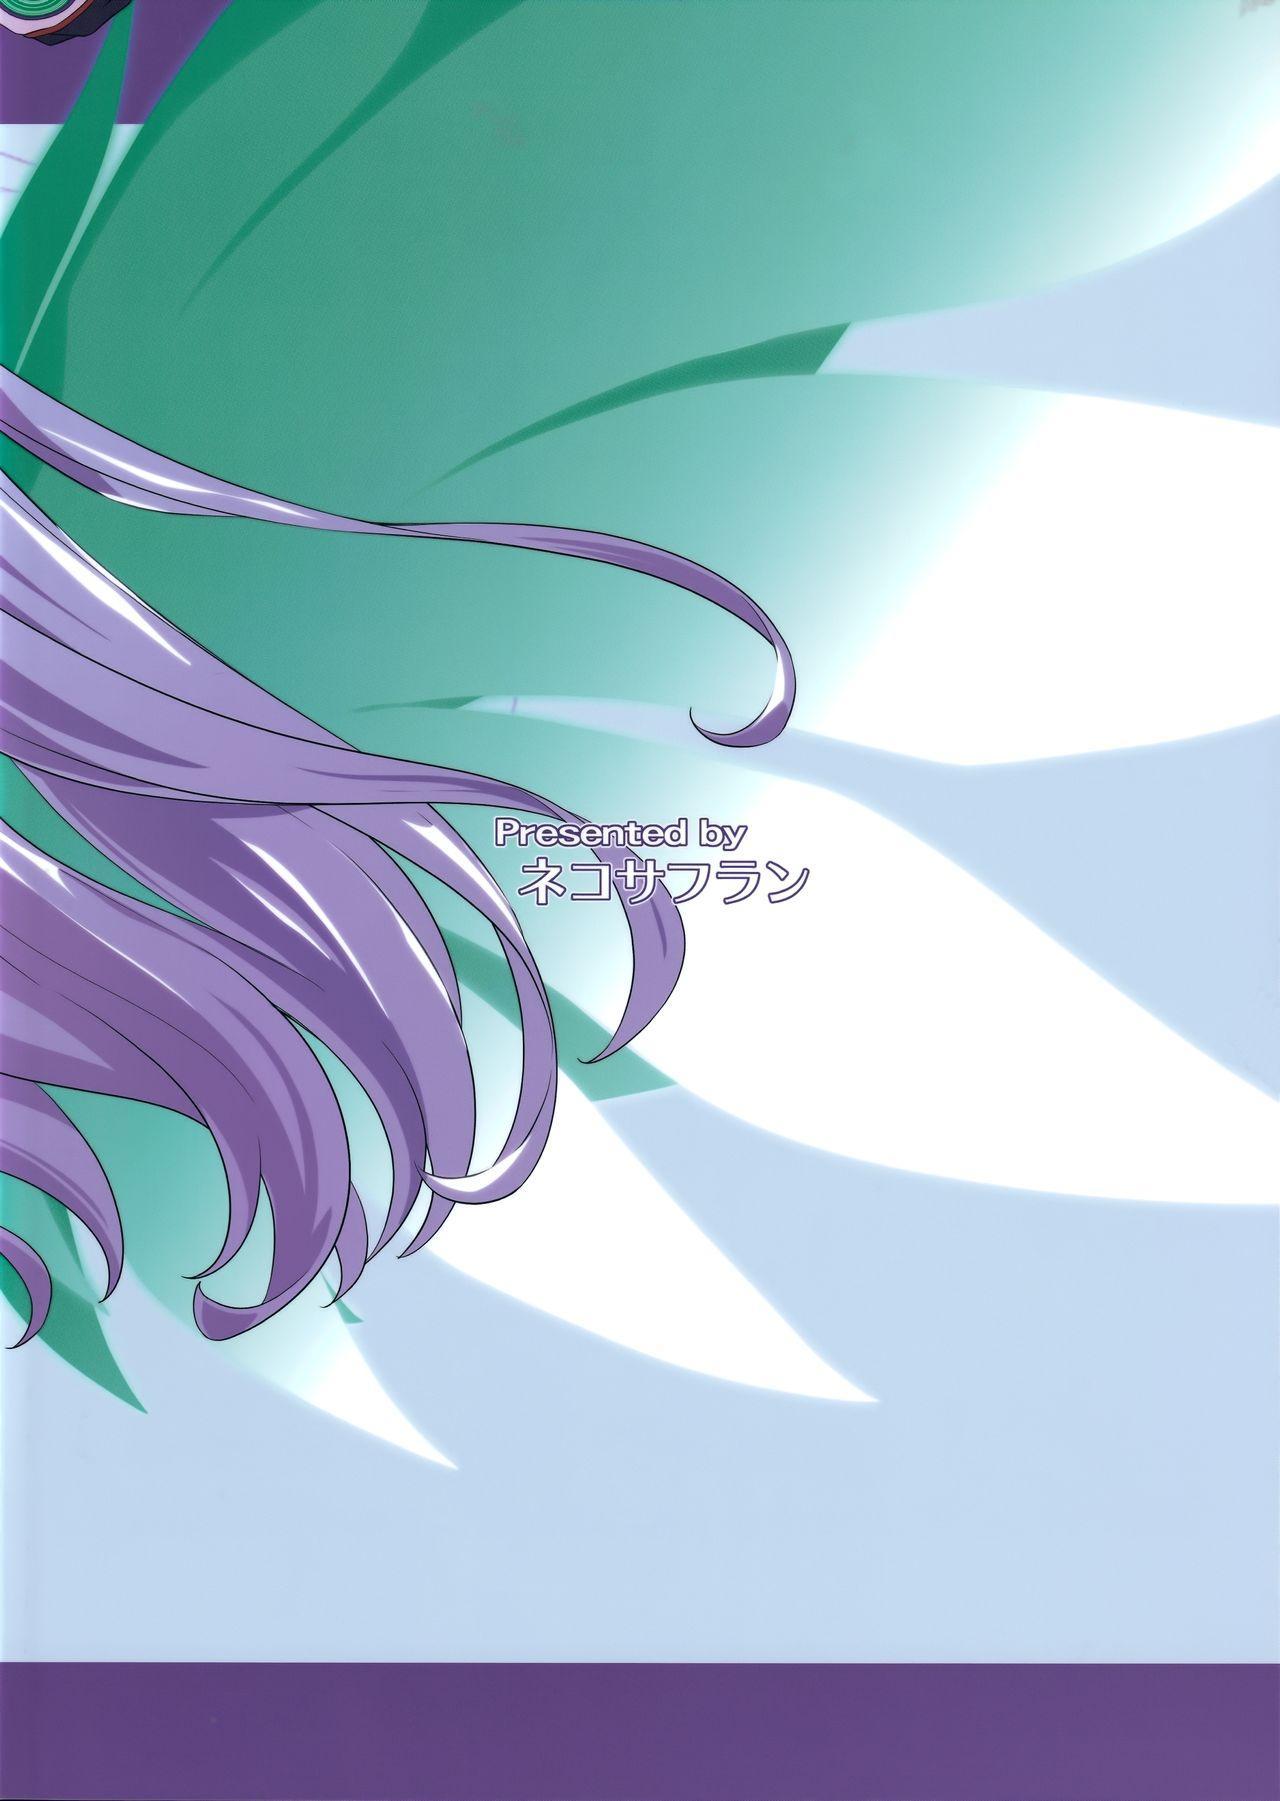 Kouyoku no. | On Wings of Light. 25